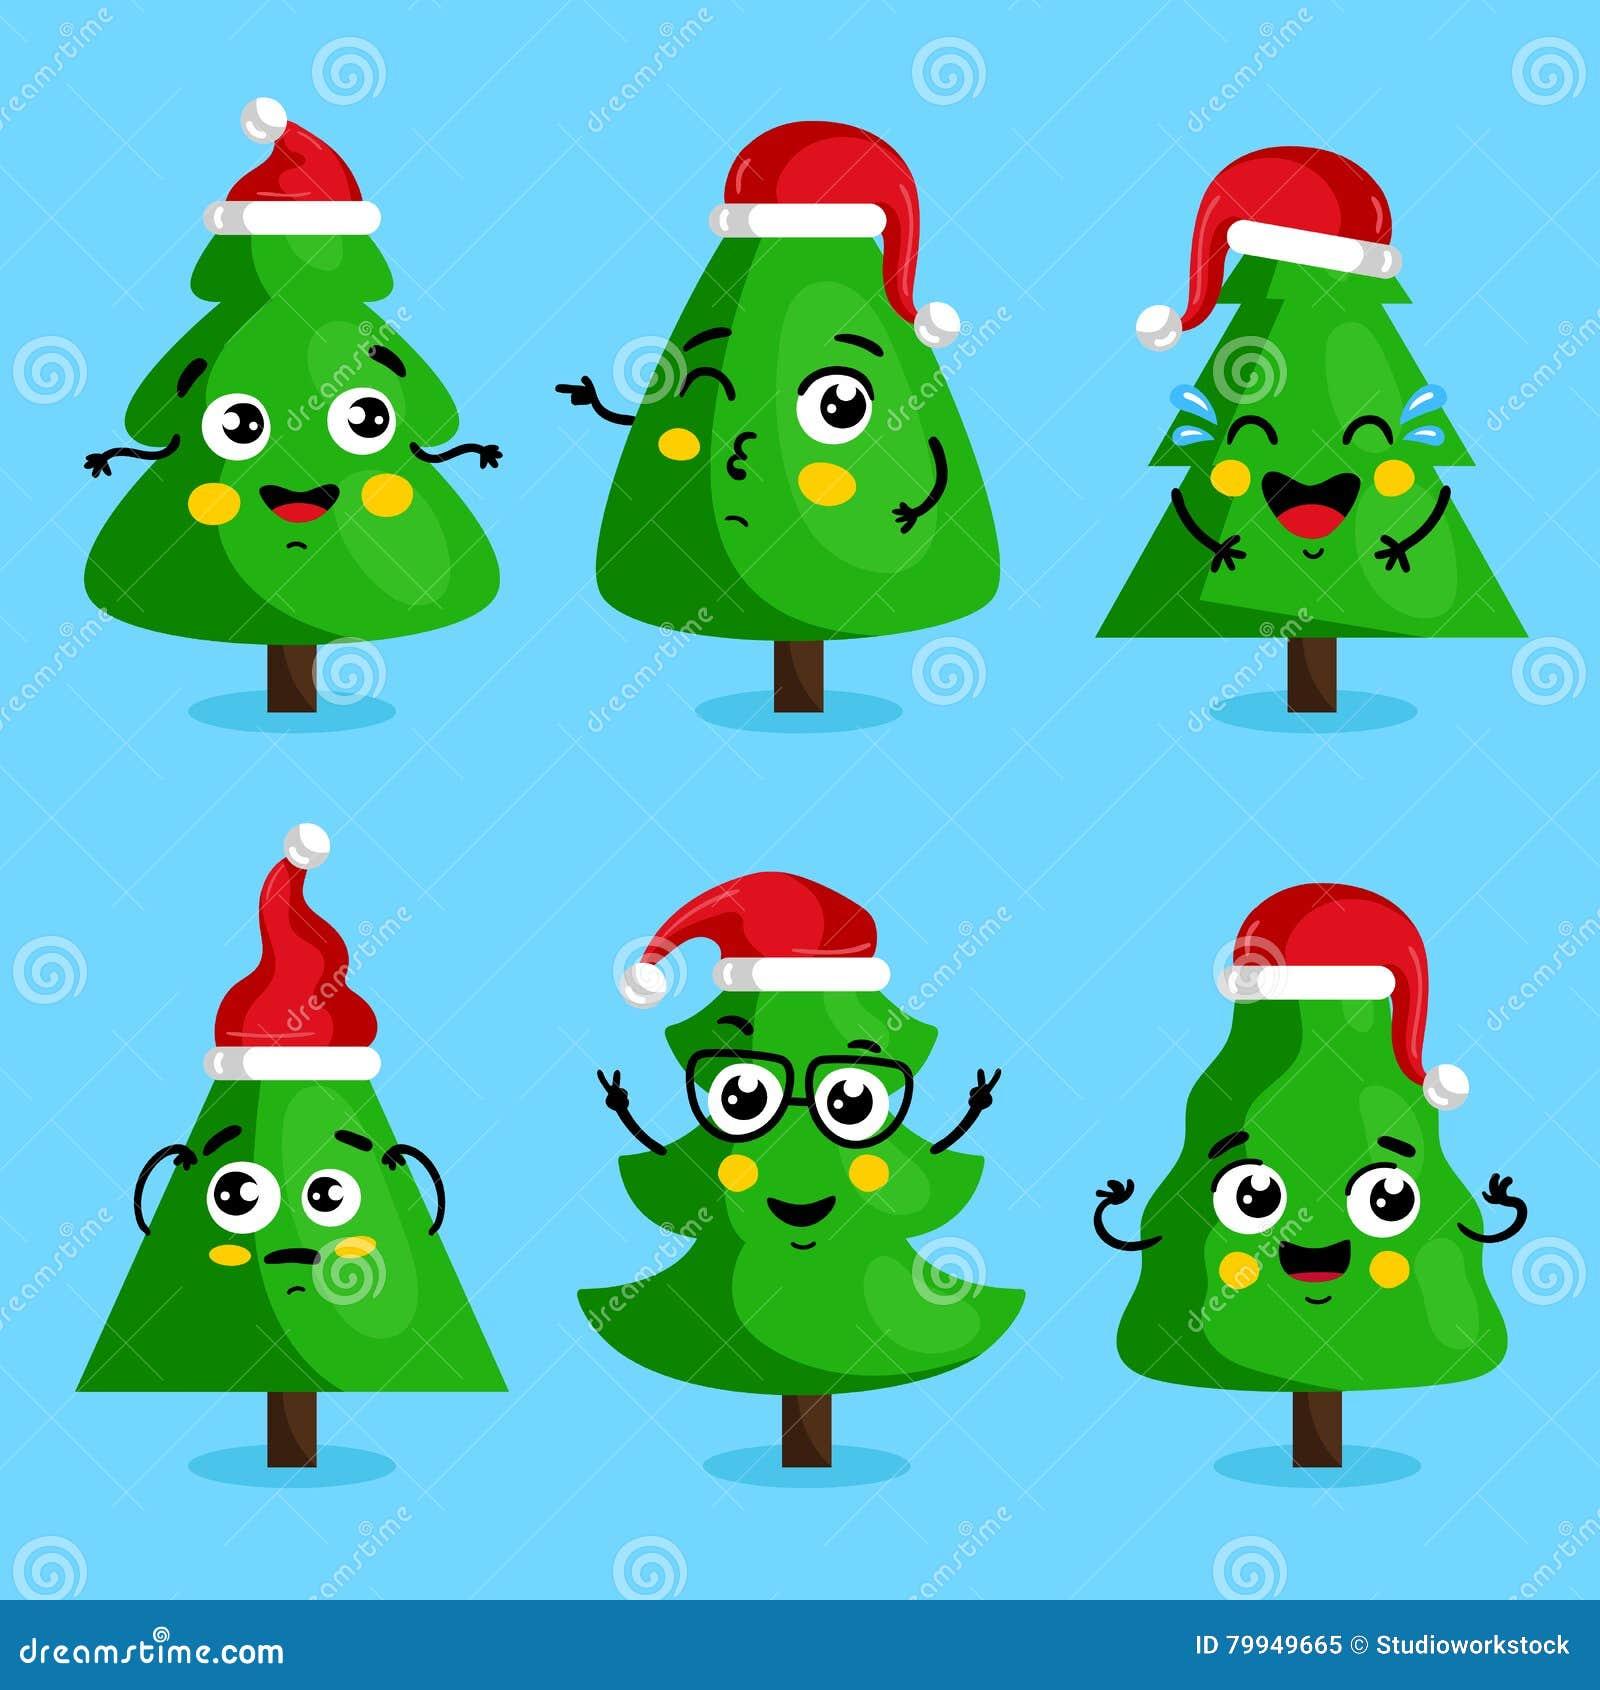 Imagenes Animadas Arboles Navidad.Personajes De Dibujos Animados Verdes Del Arbol De Navidad